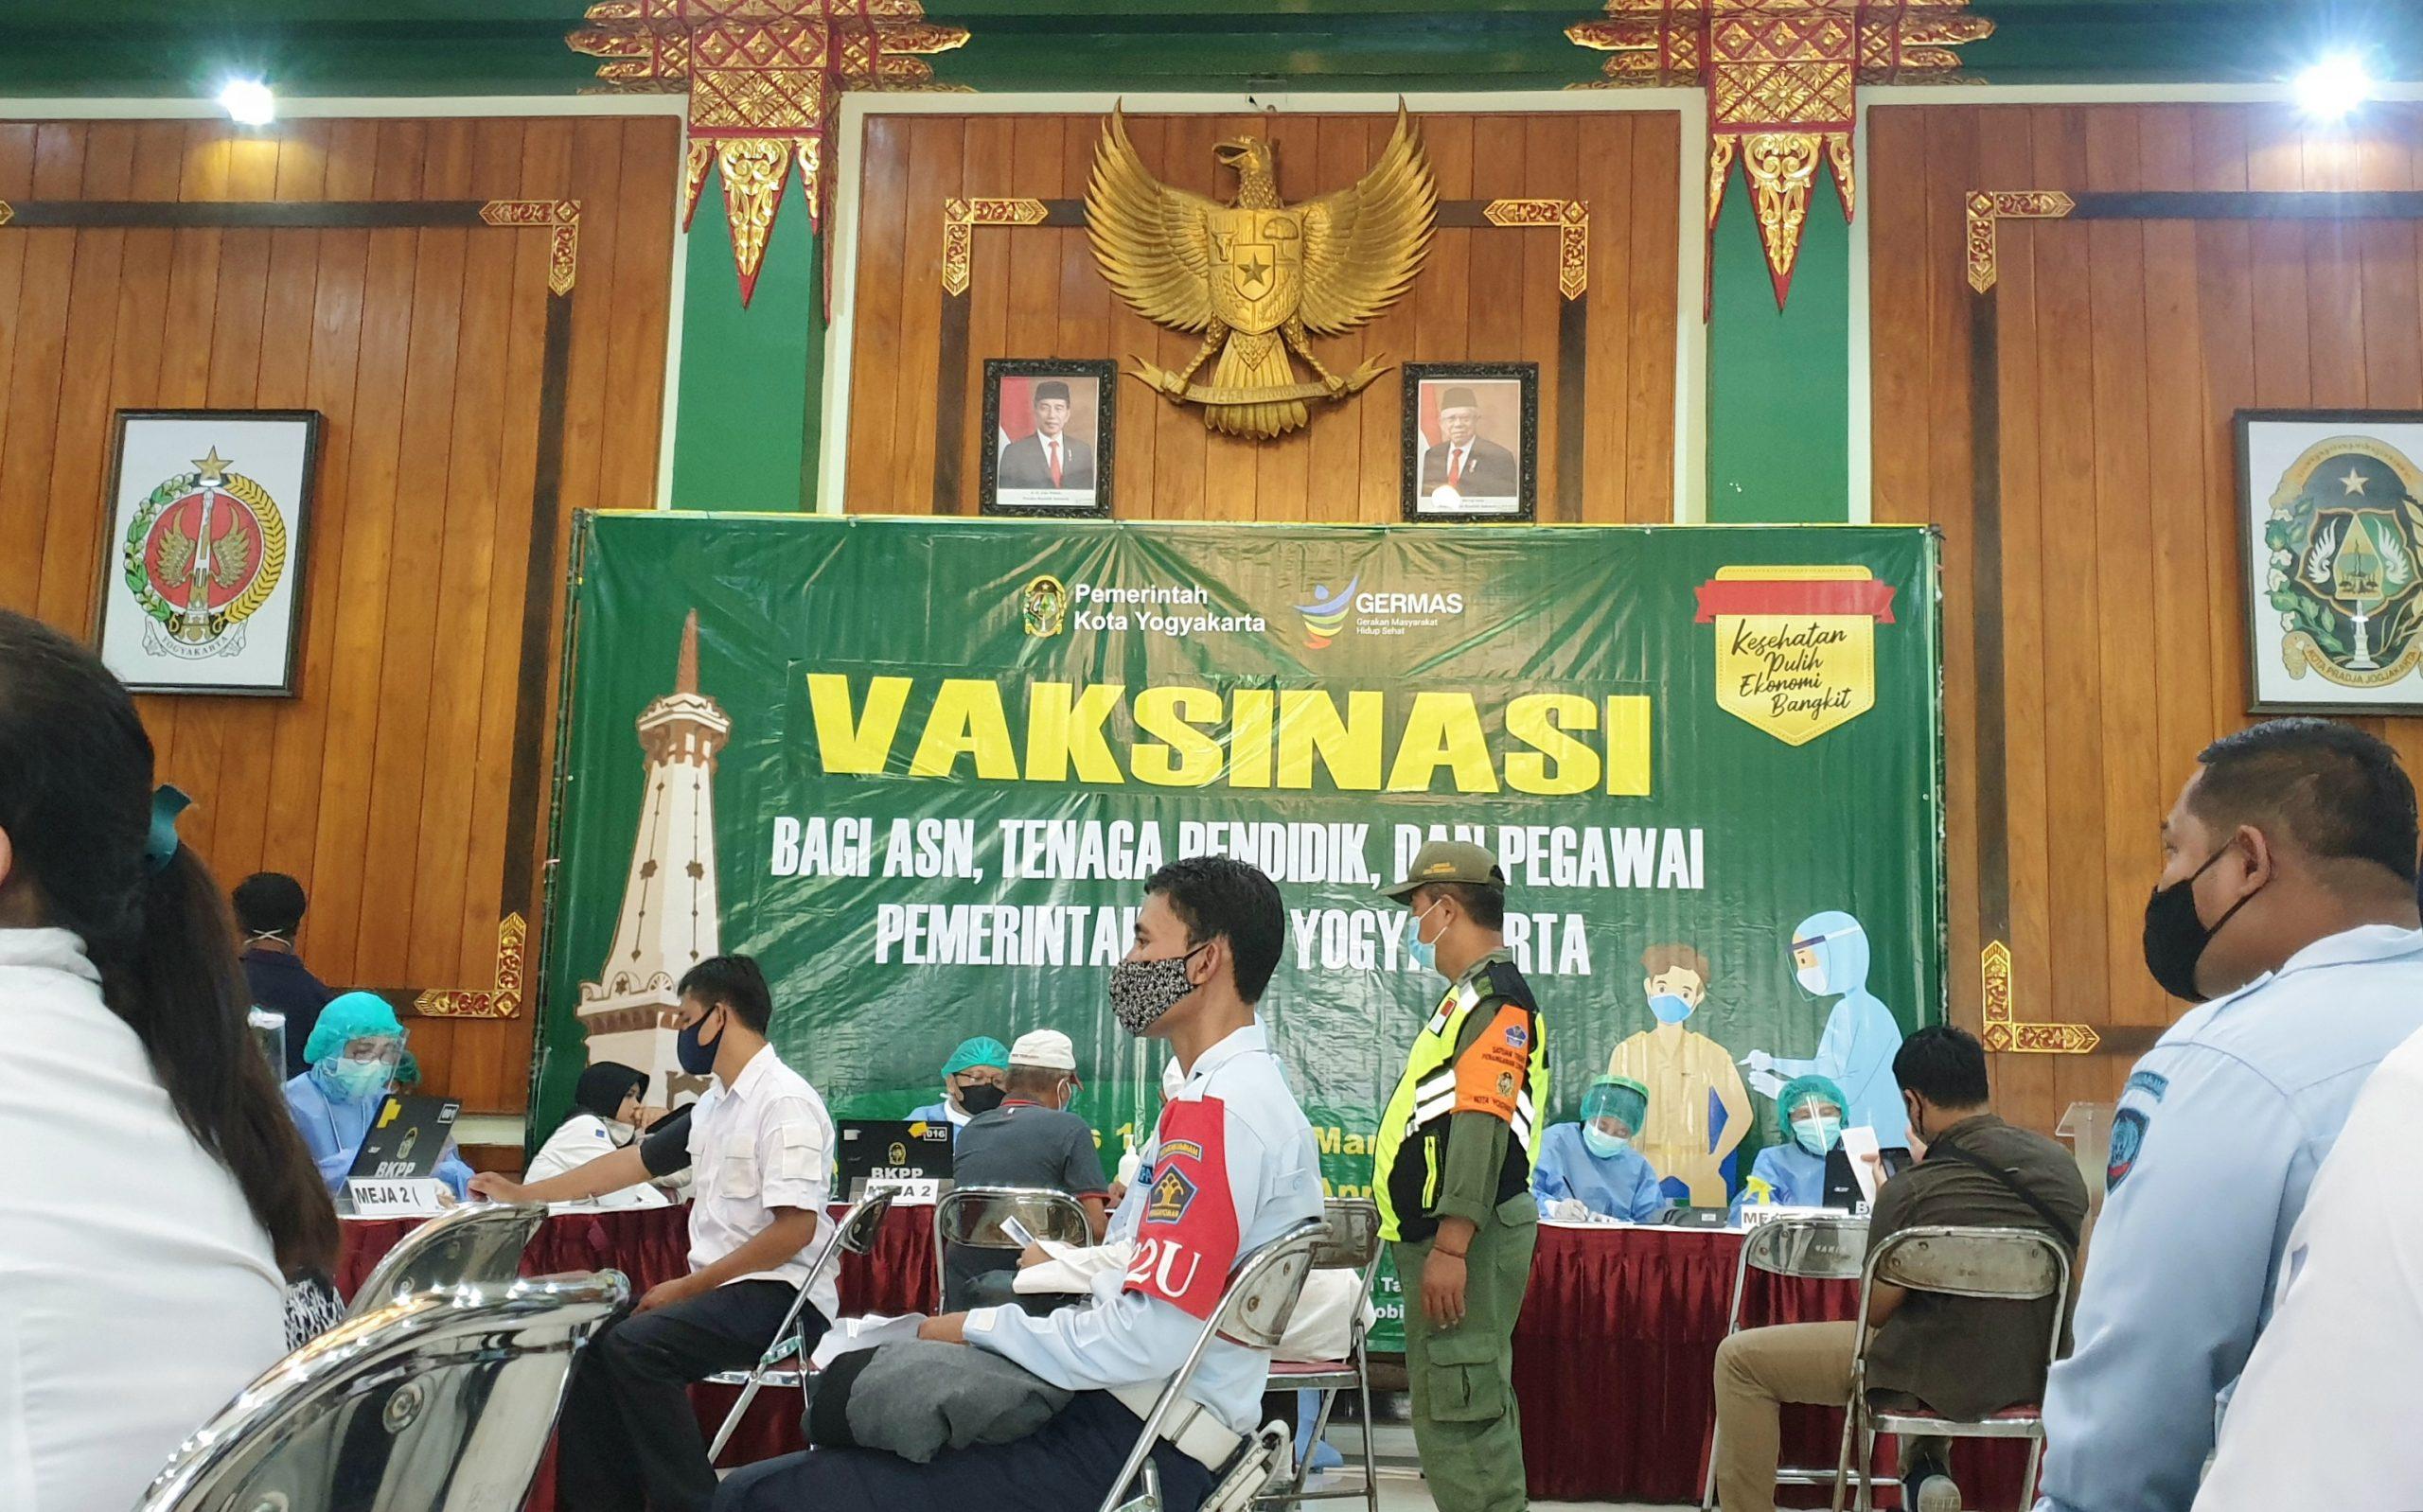 Dukung Indonesia Sehat, Lapas Yogyakarta Berperan Aktif dalam Program Vaksinasi